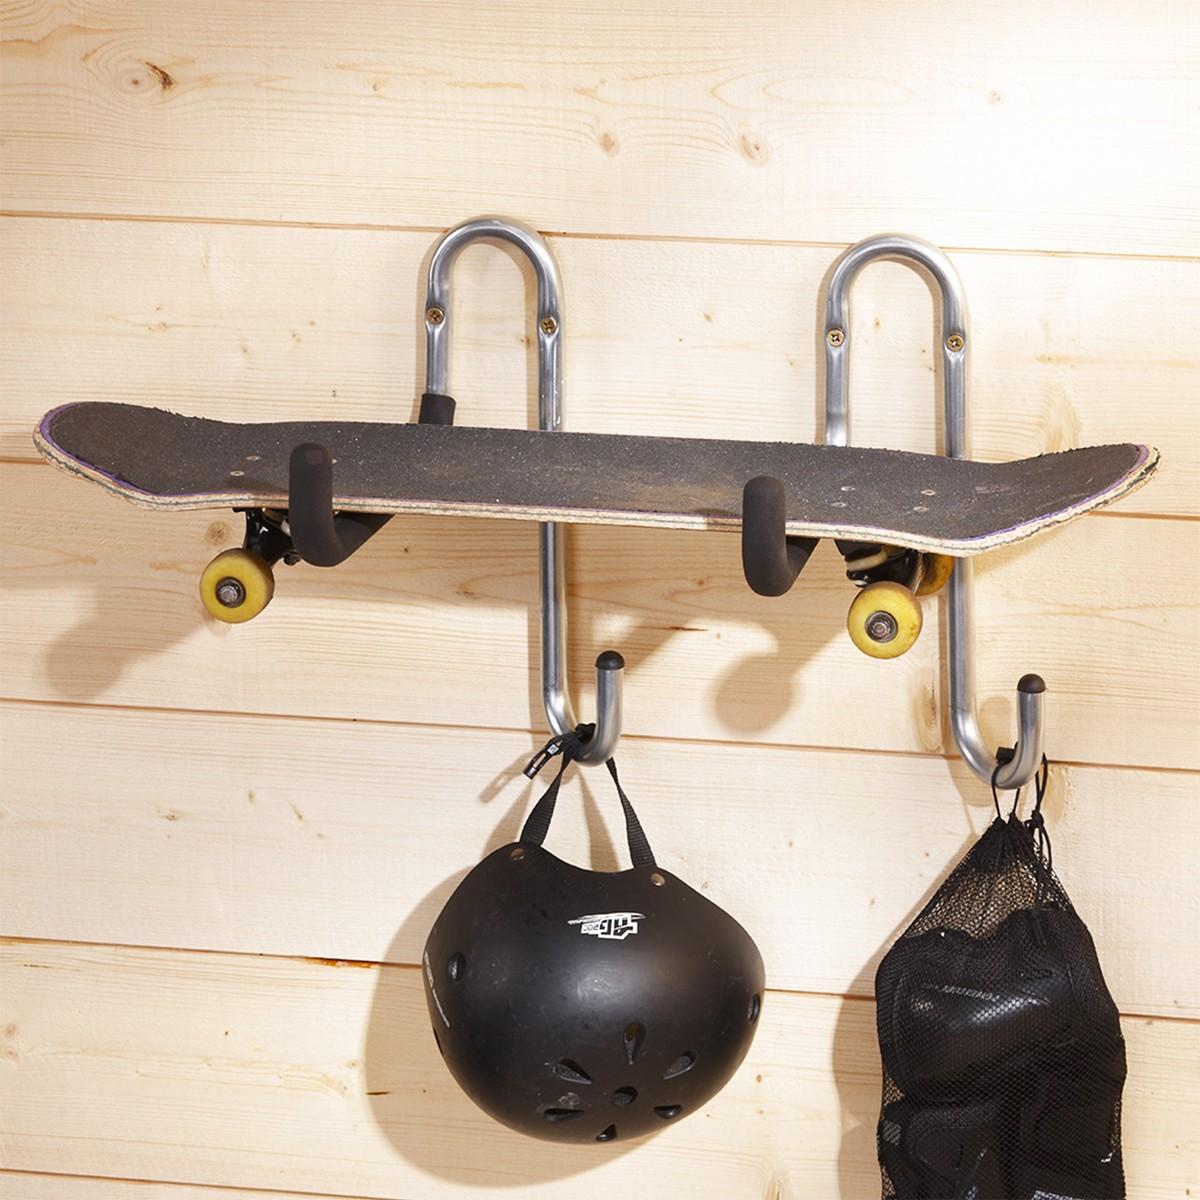 Crochet métallique pour suspendre skateboard et matériel de sport